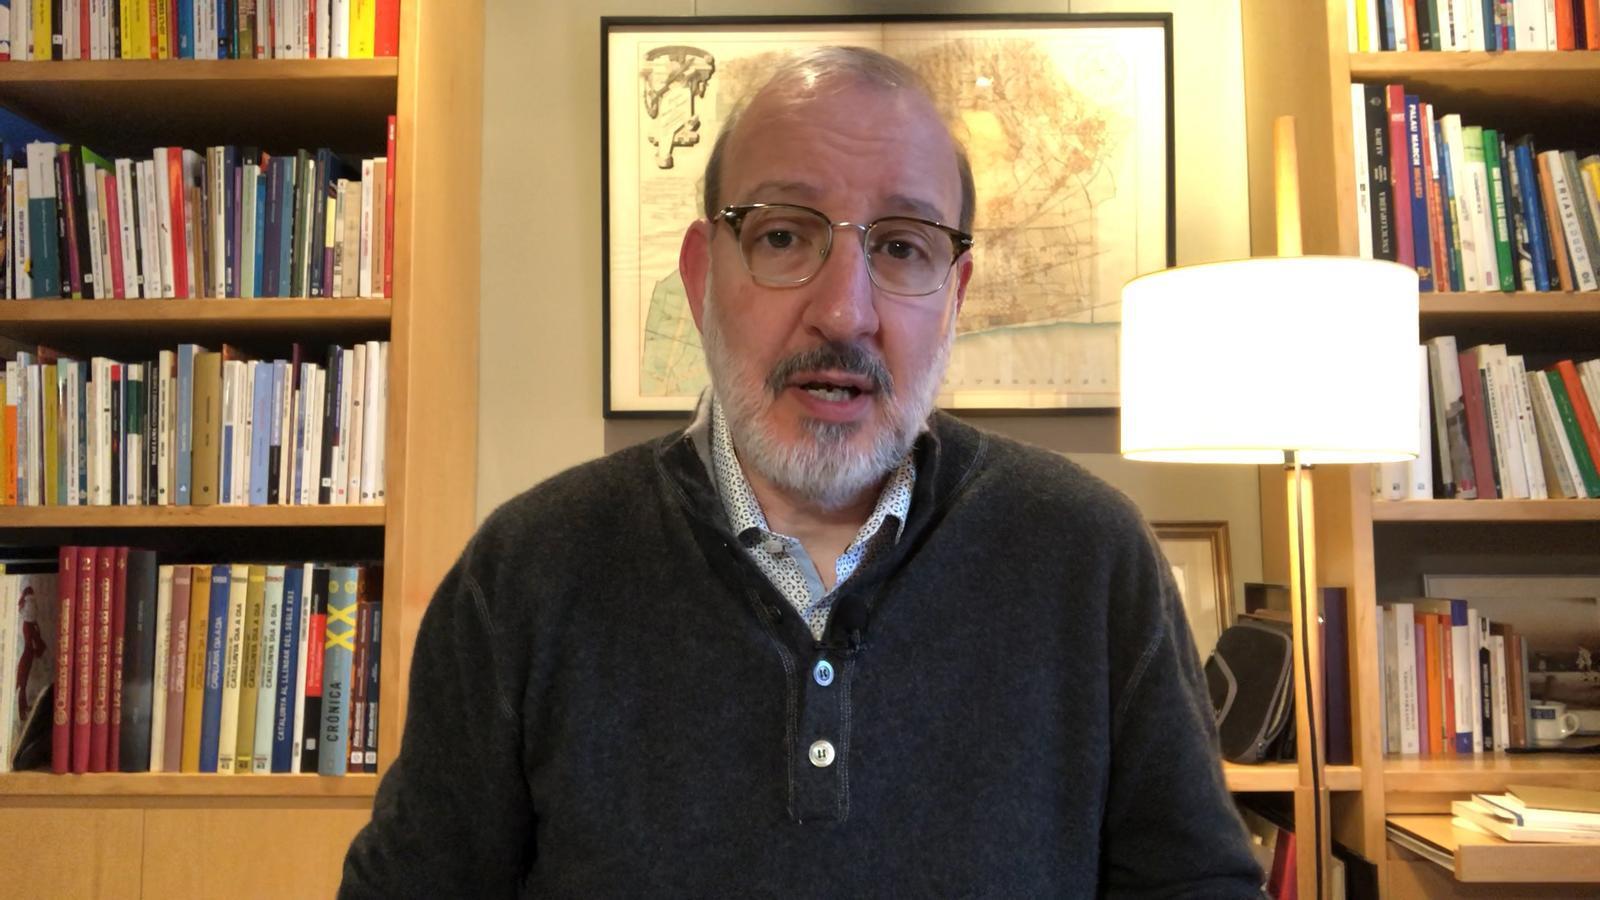 339 morts a Catalunya i així seran els crèdits a autònoms i pimes: les claus del dia, amb Antoni Bassas (24/03/2020)